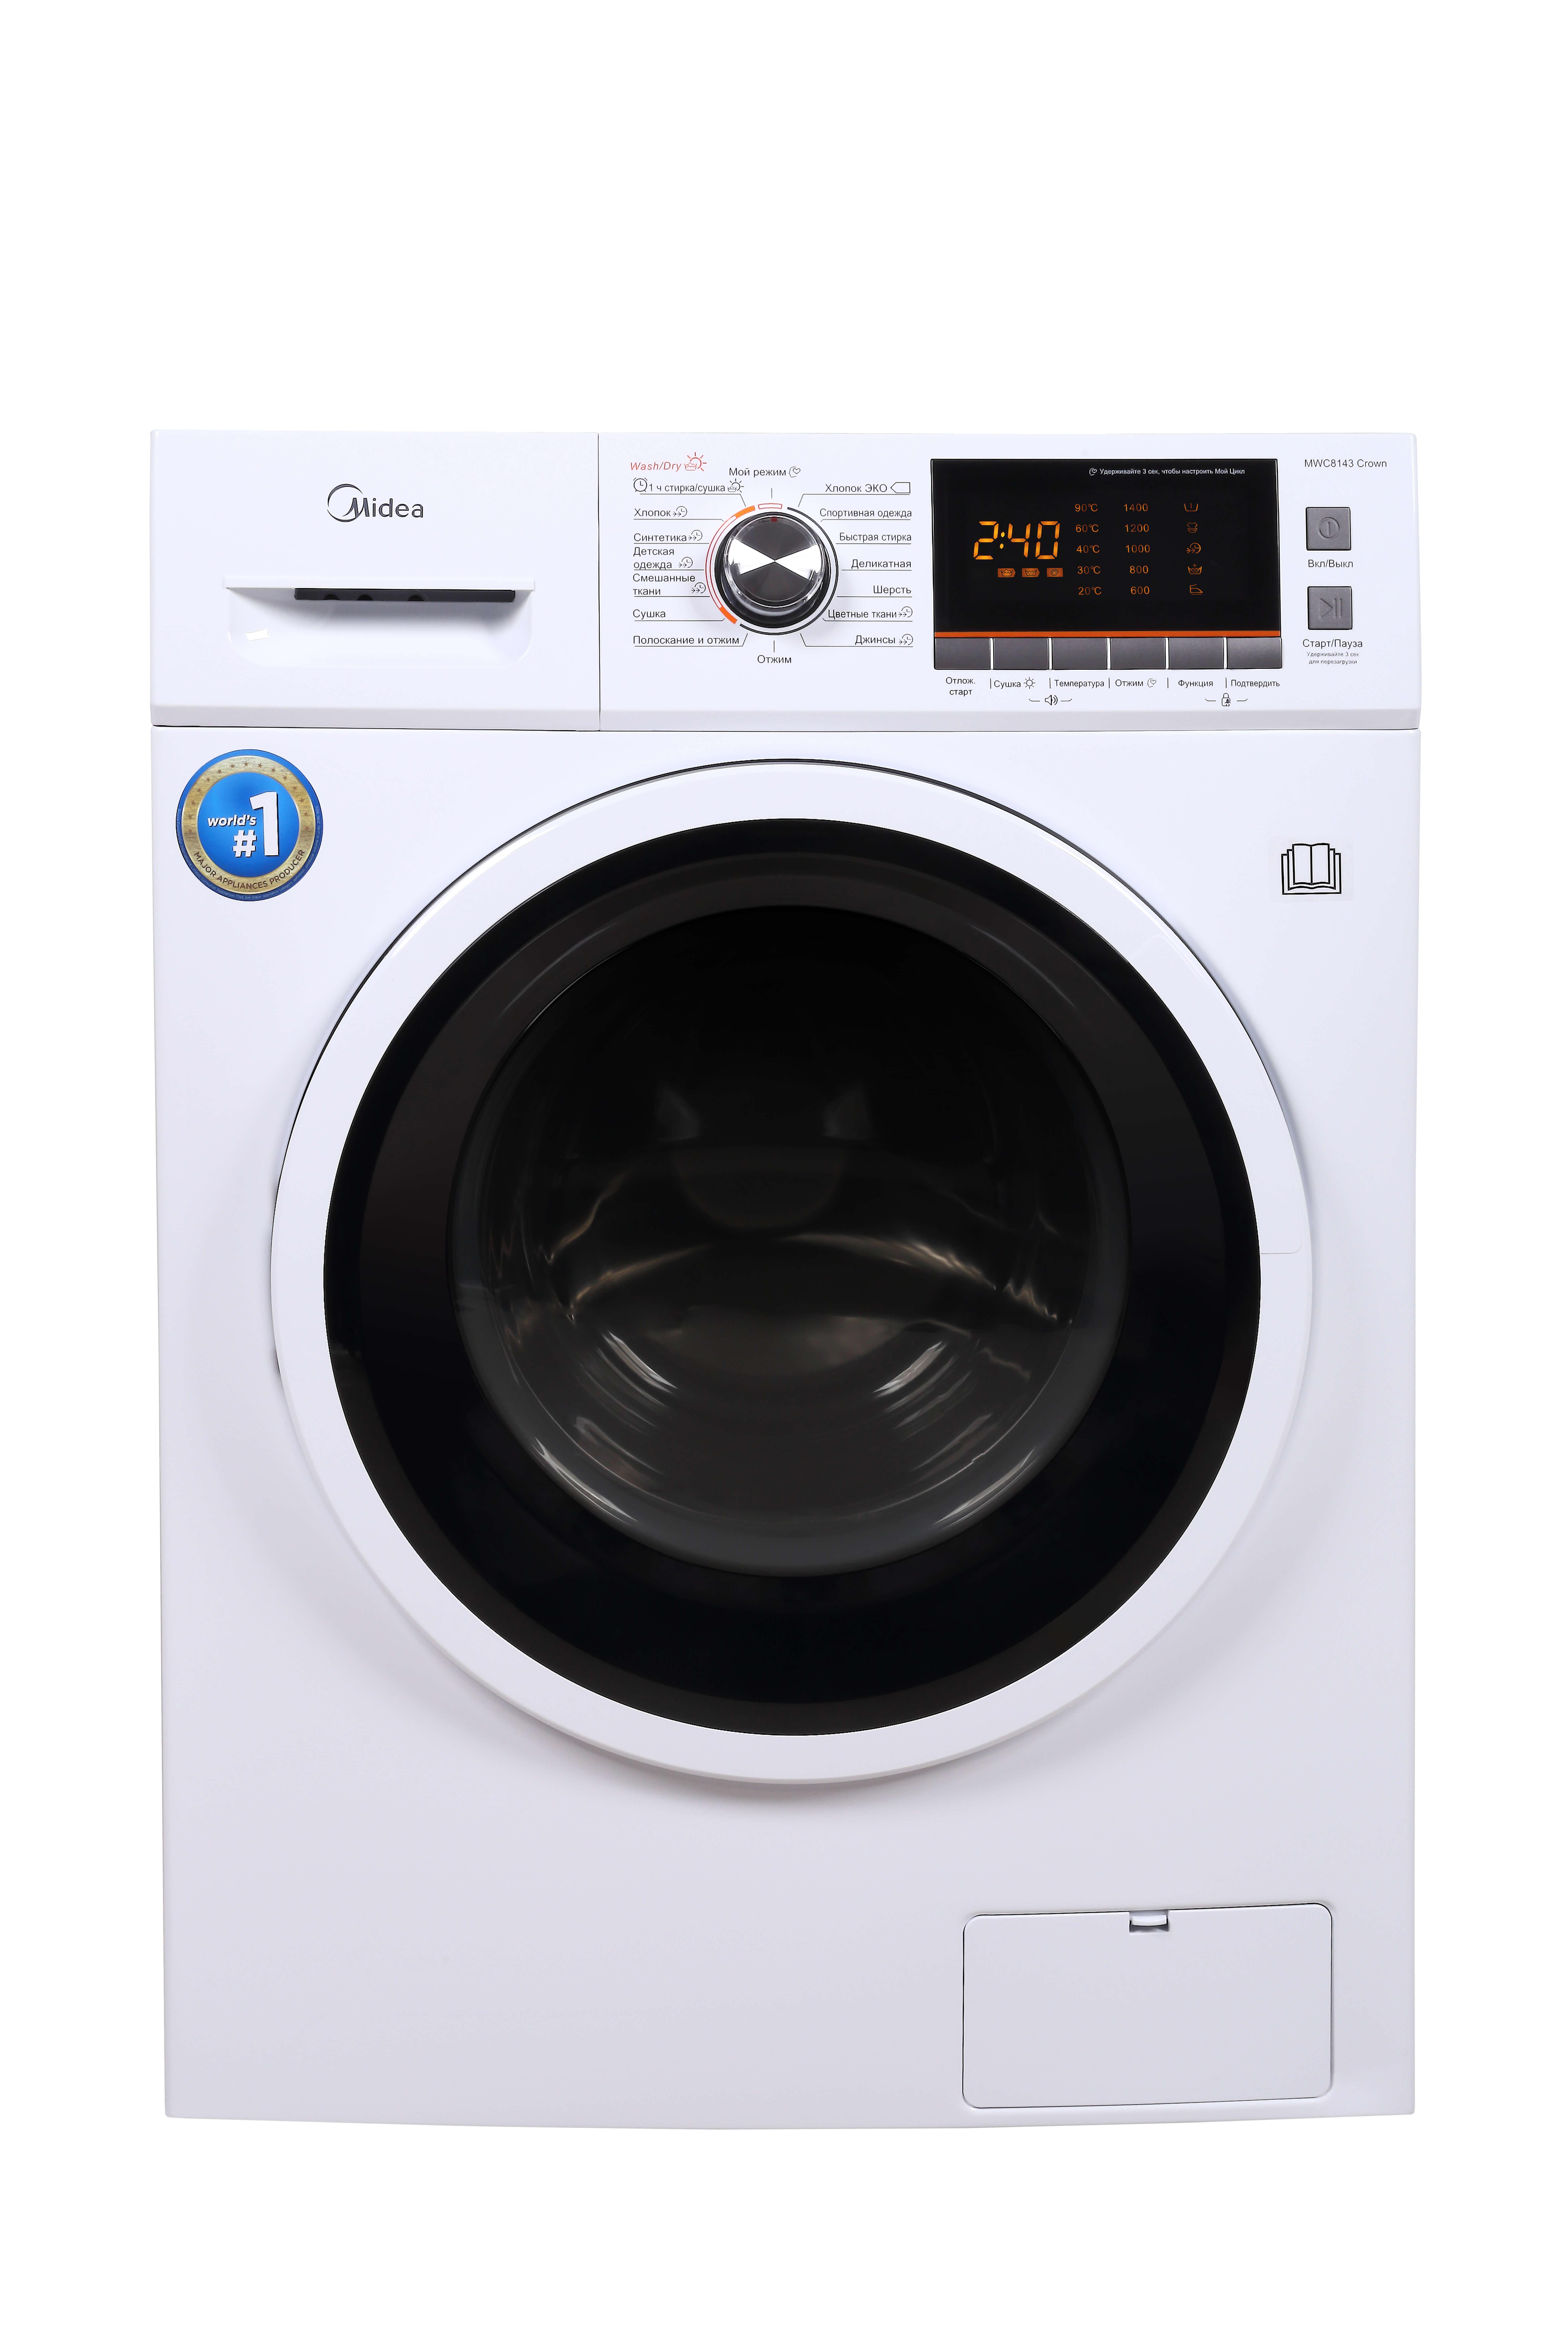 Узкая стиральная машина с сушкой Midea MWC8143 Crown фото